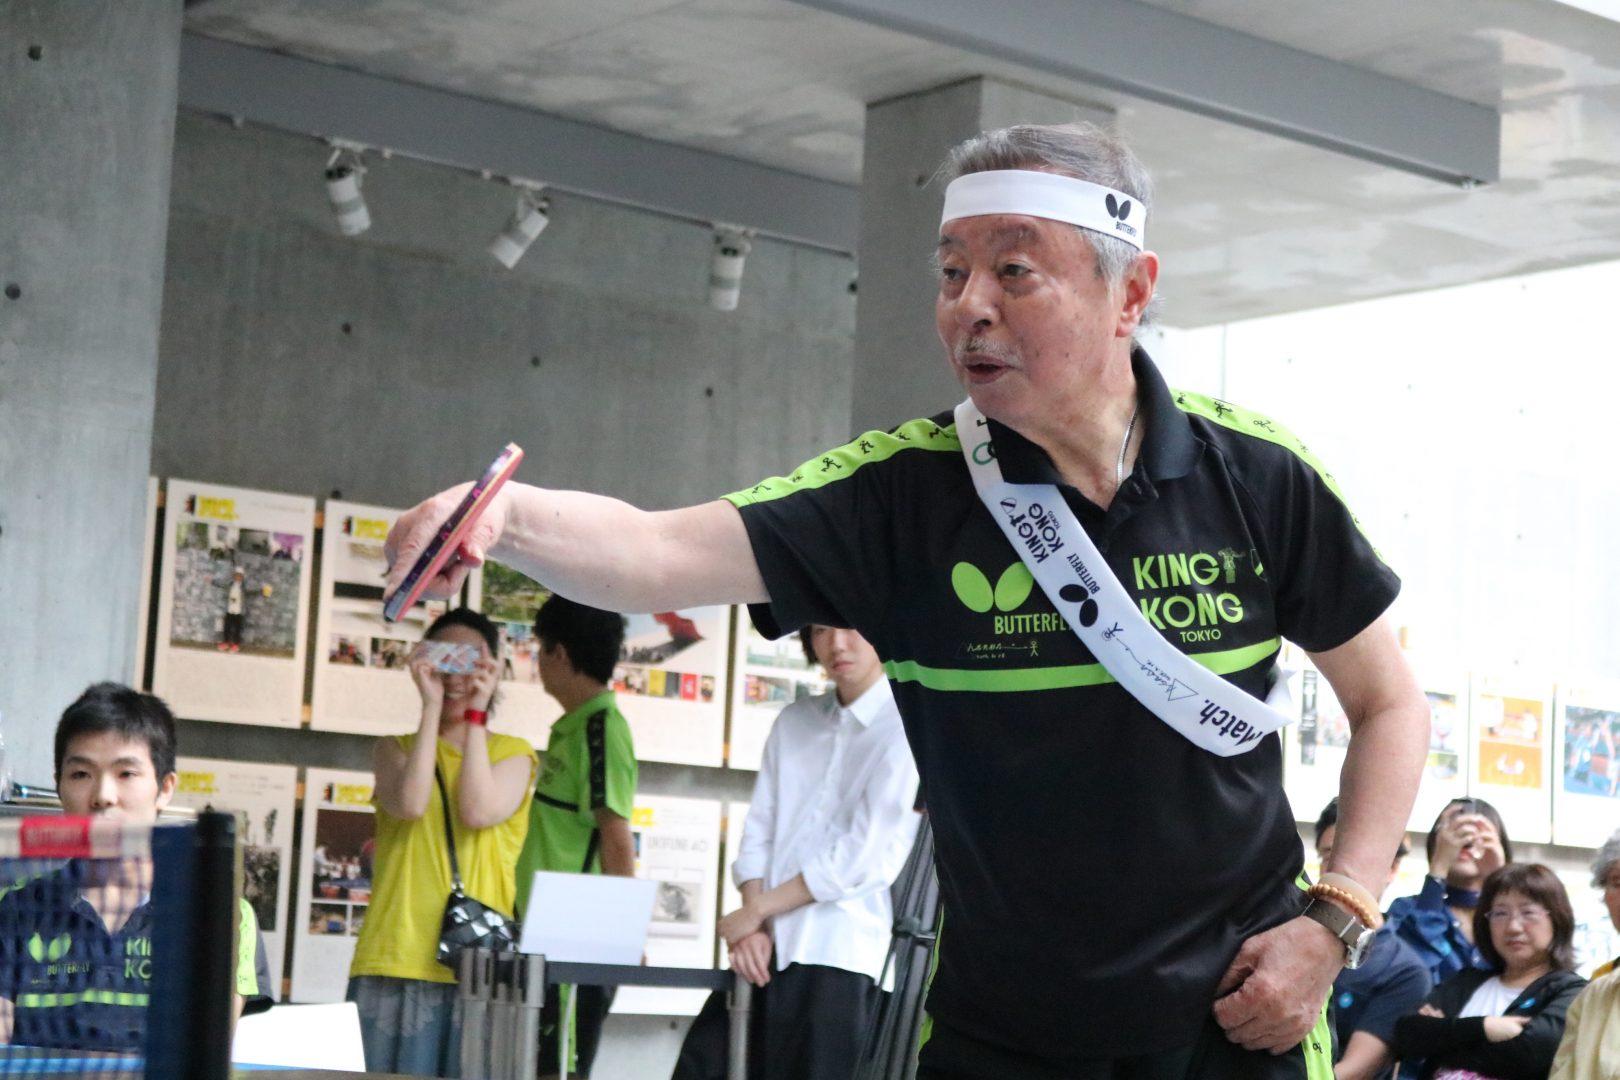 """【卓球】""""ひとりピンポン外交官""""浅葉克己氏が仕掛けた「卓球×アート」の祭典に行ってみた"""